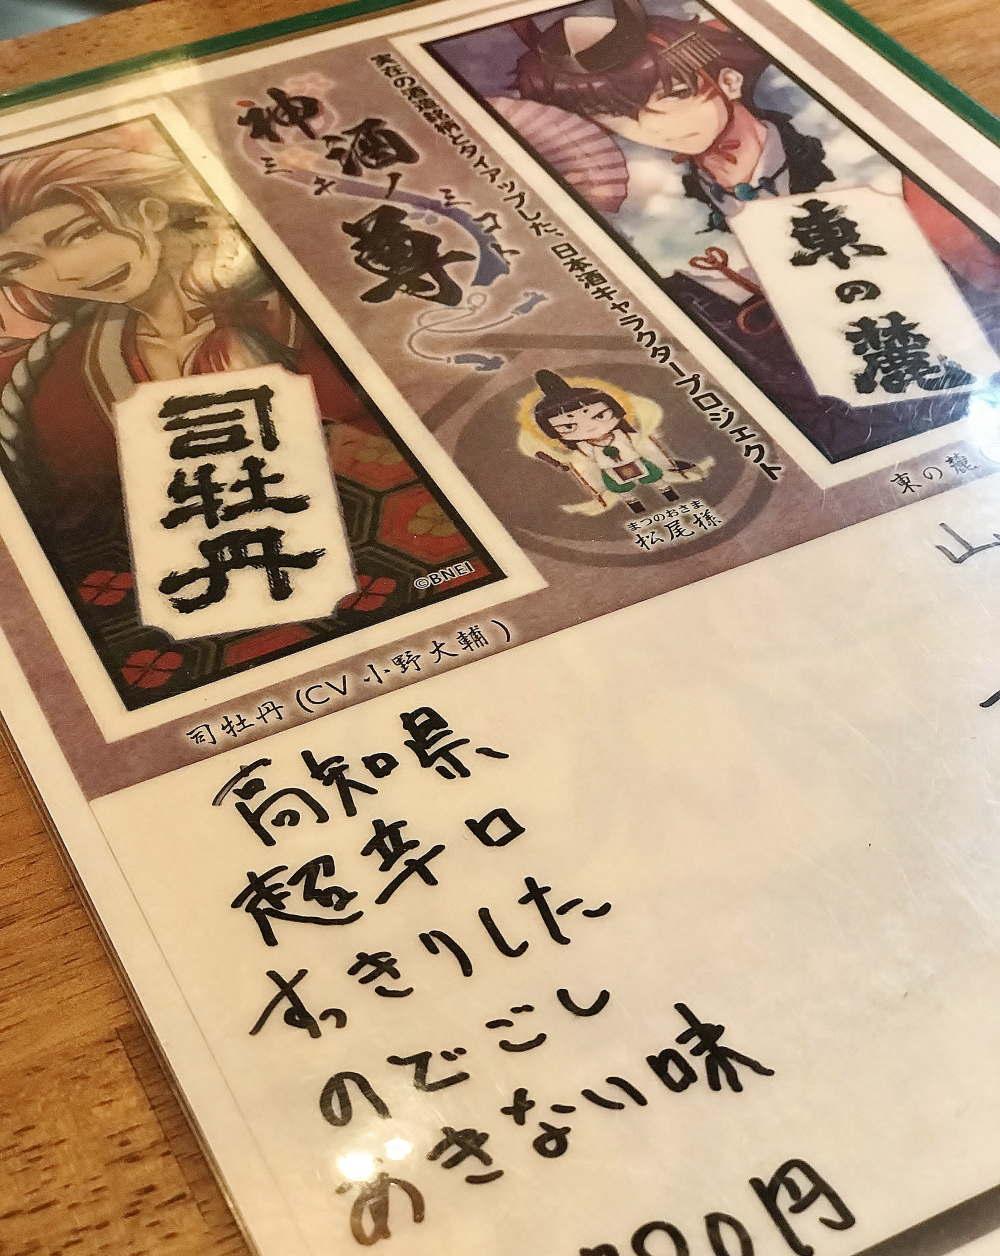 大塚 神酒ノ尊コラボ